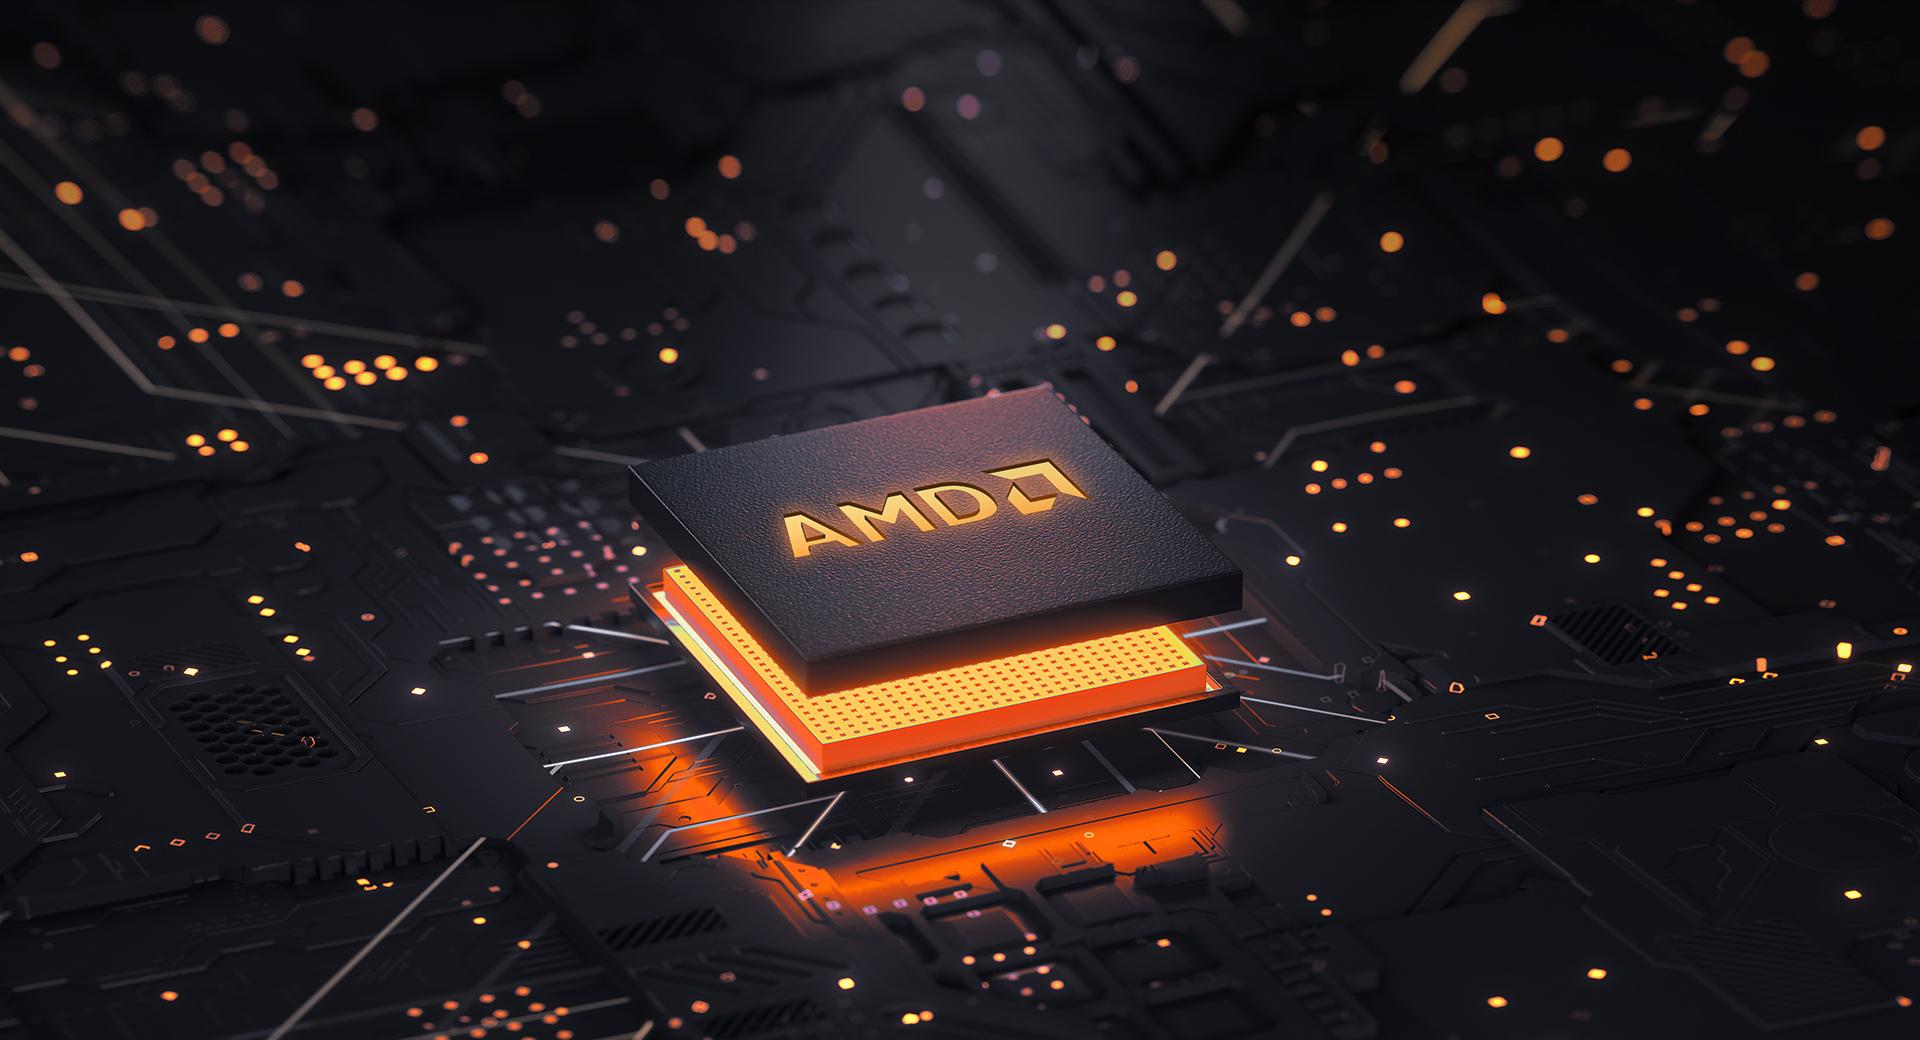 HUAWEI MateBook D 15 AMD chipset notebook